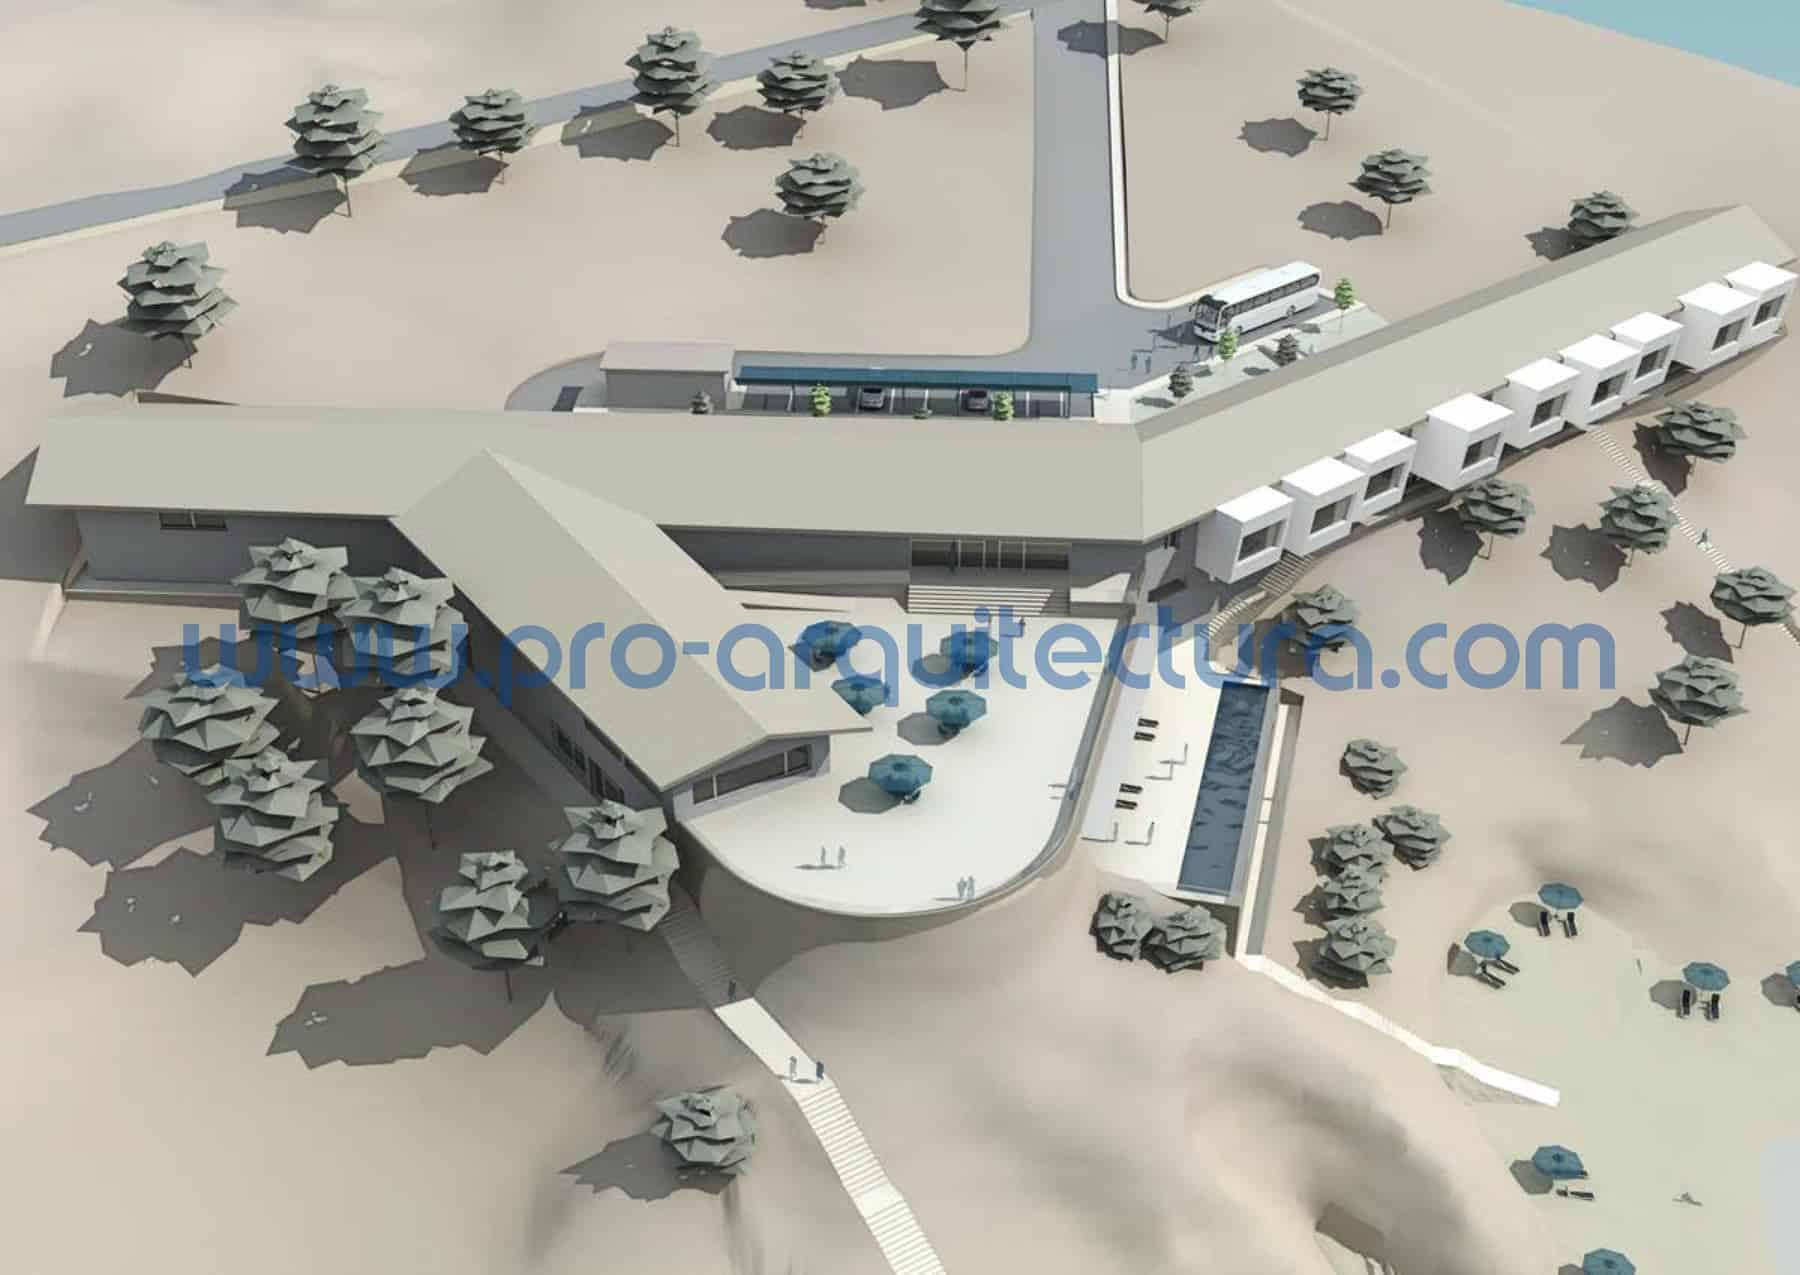 0040-09 Complejo turístico - Proyecto Básico - Tu ayuda con la entrega del proyecto básico del pfc pfg tfg tfm de arquitectura.